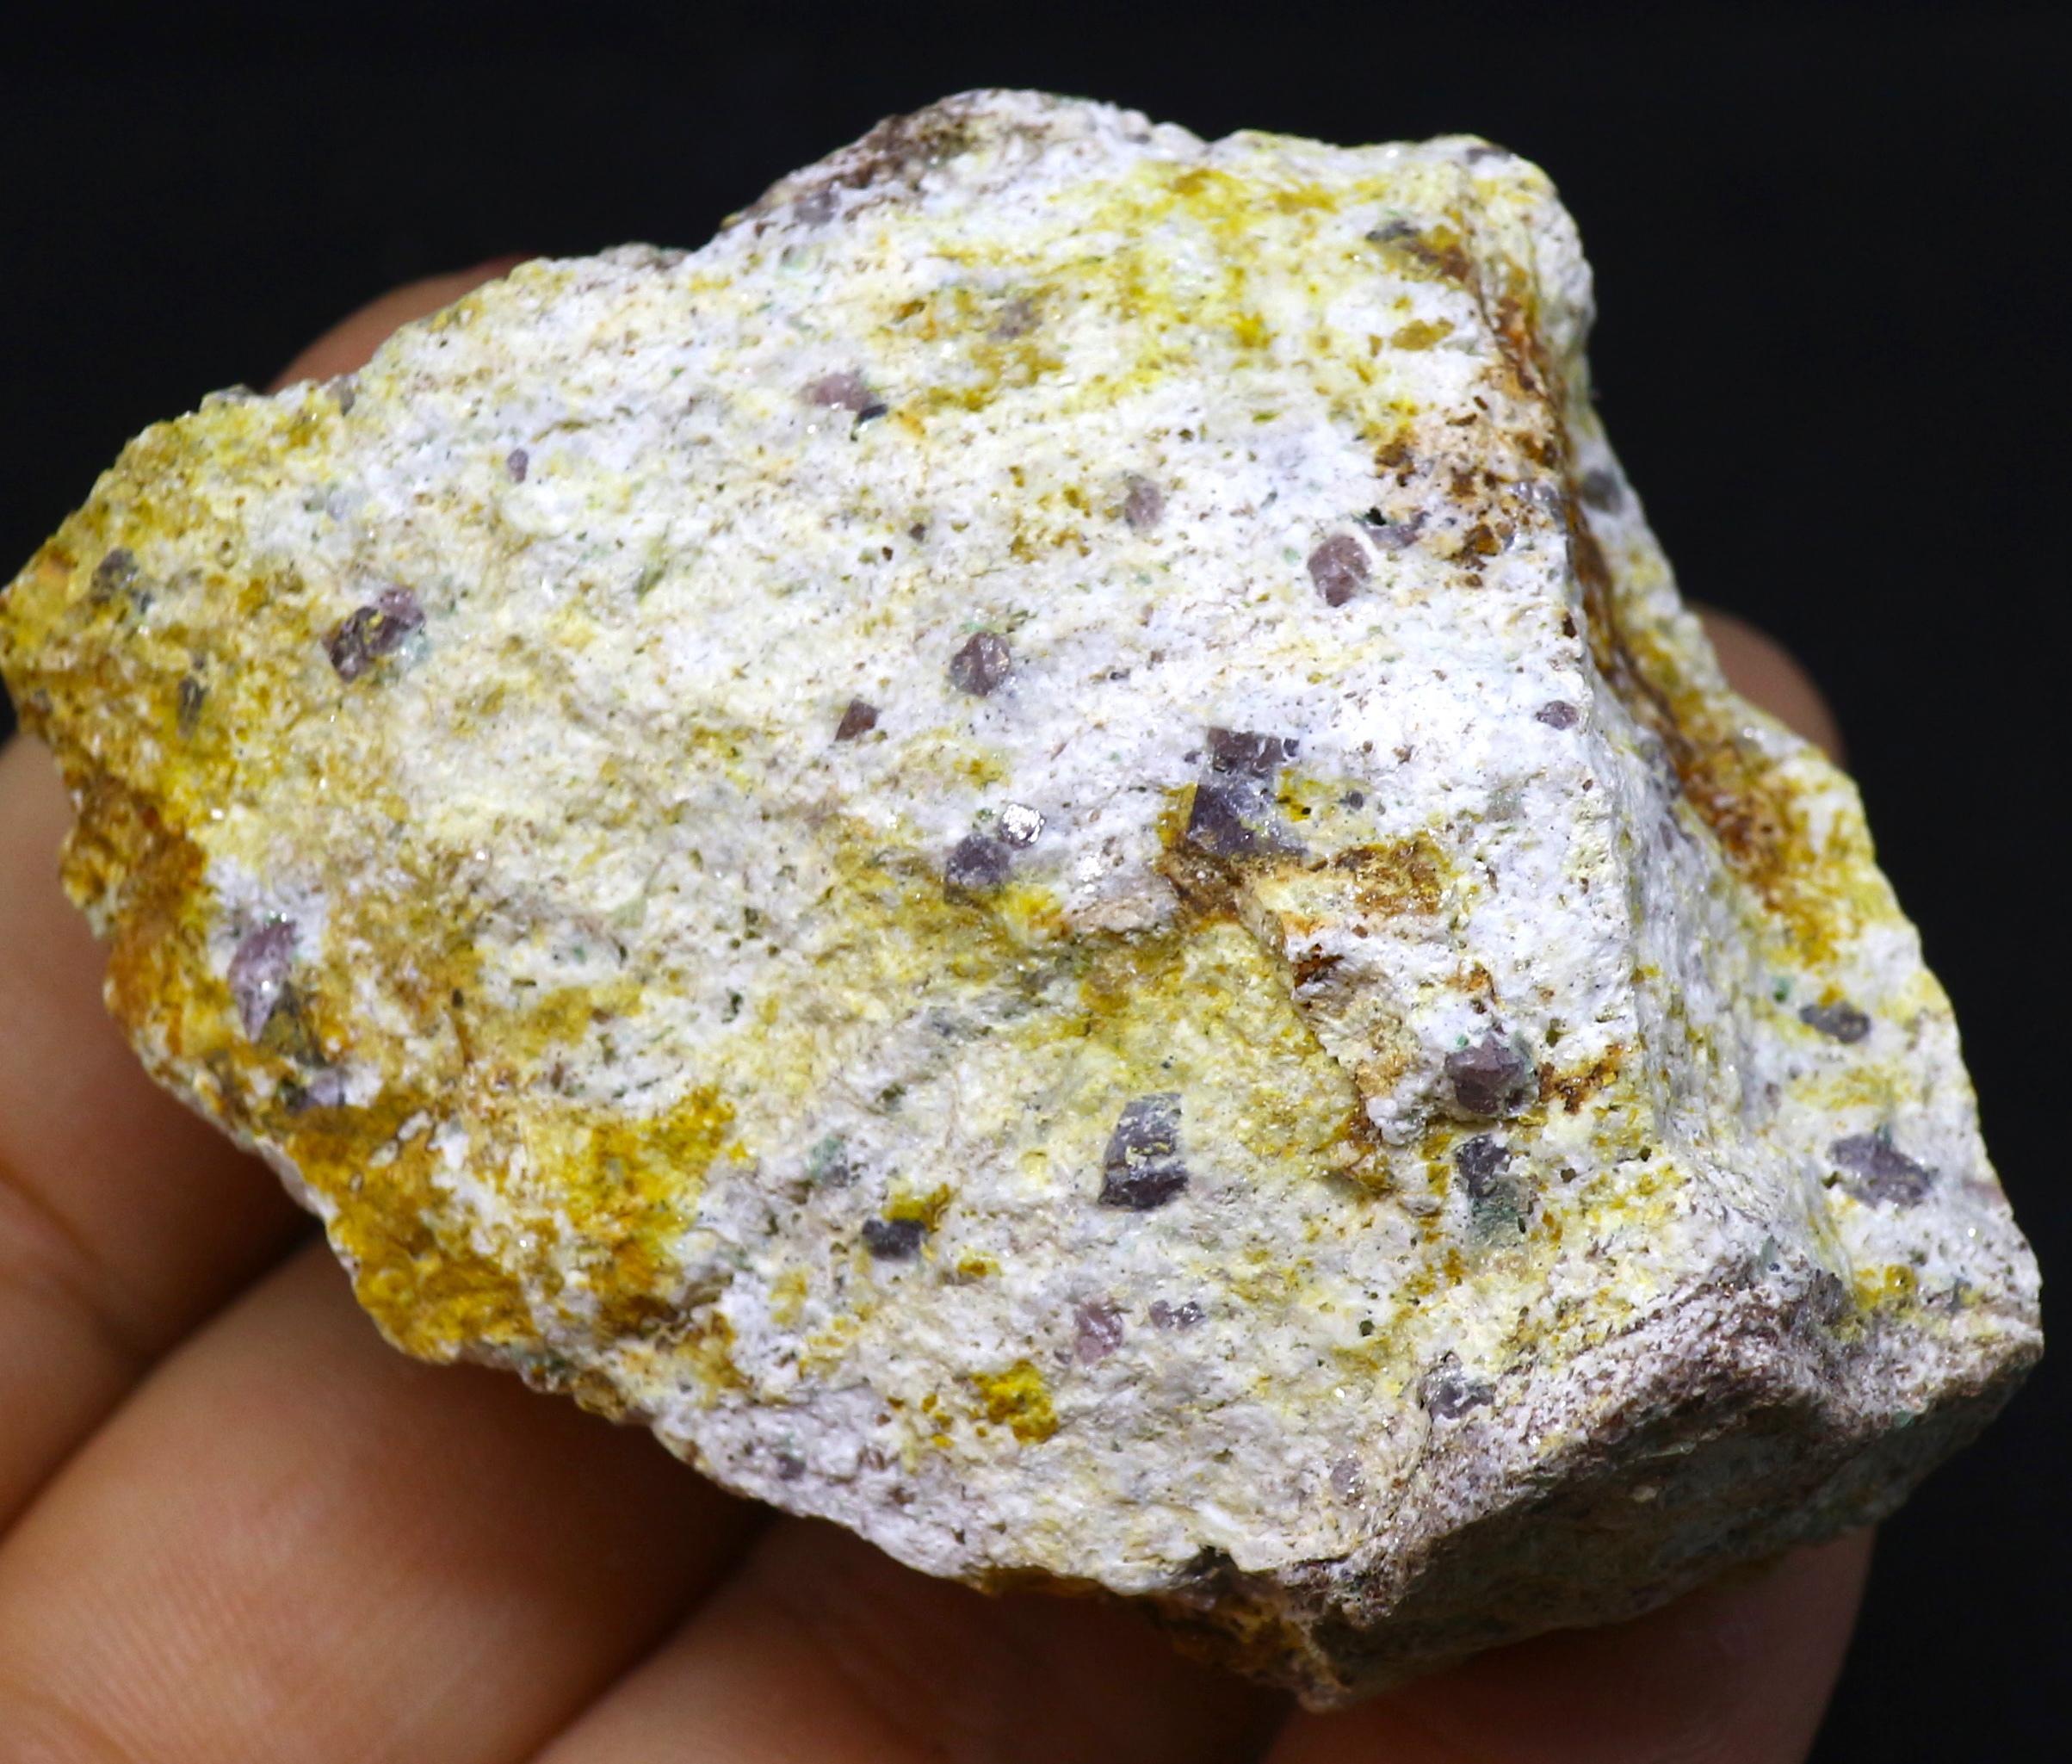 カリフォルア産 コランダム ルビー サファイア 原石 自主採掘品 76,5g RB004